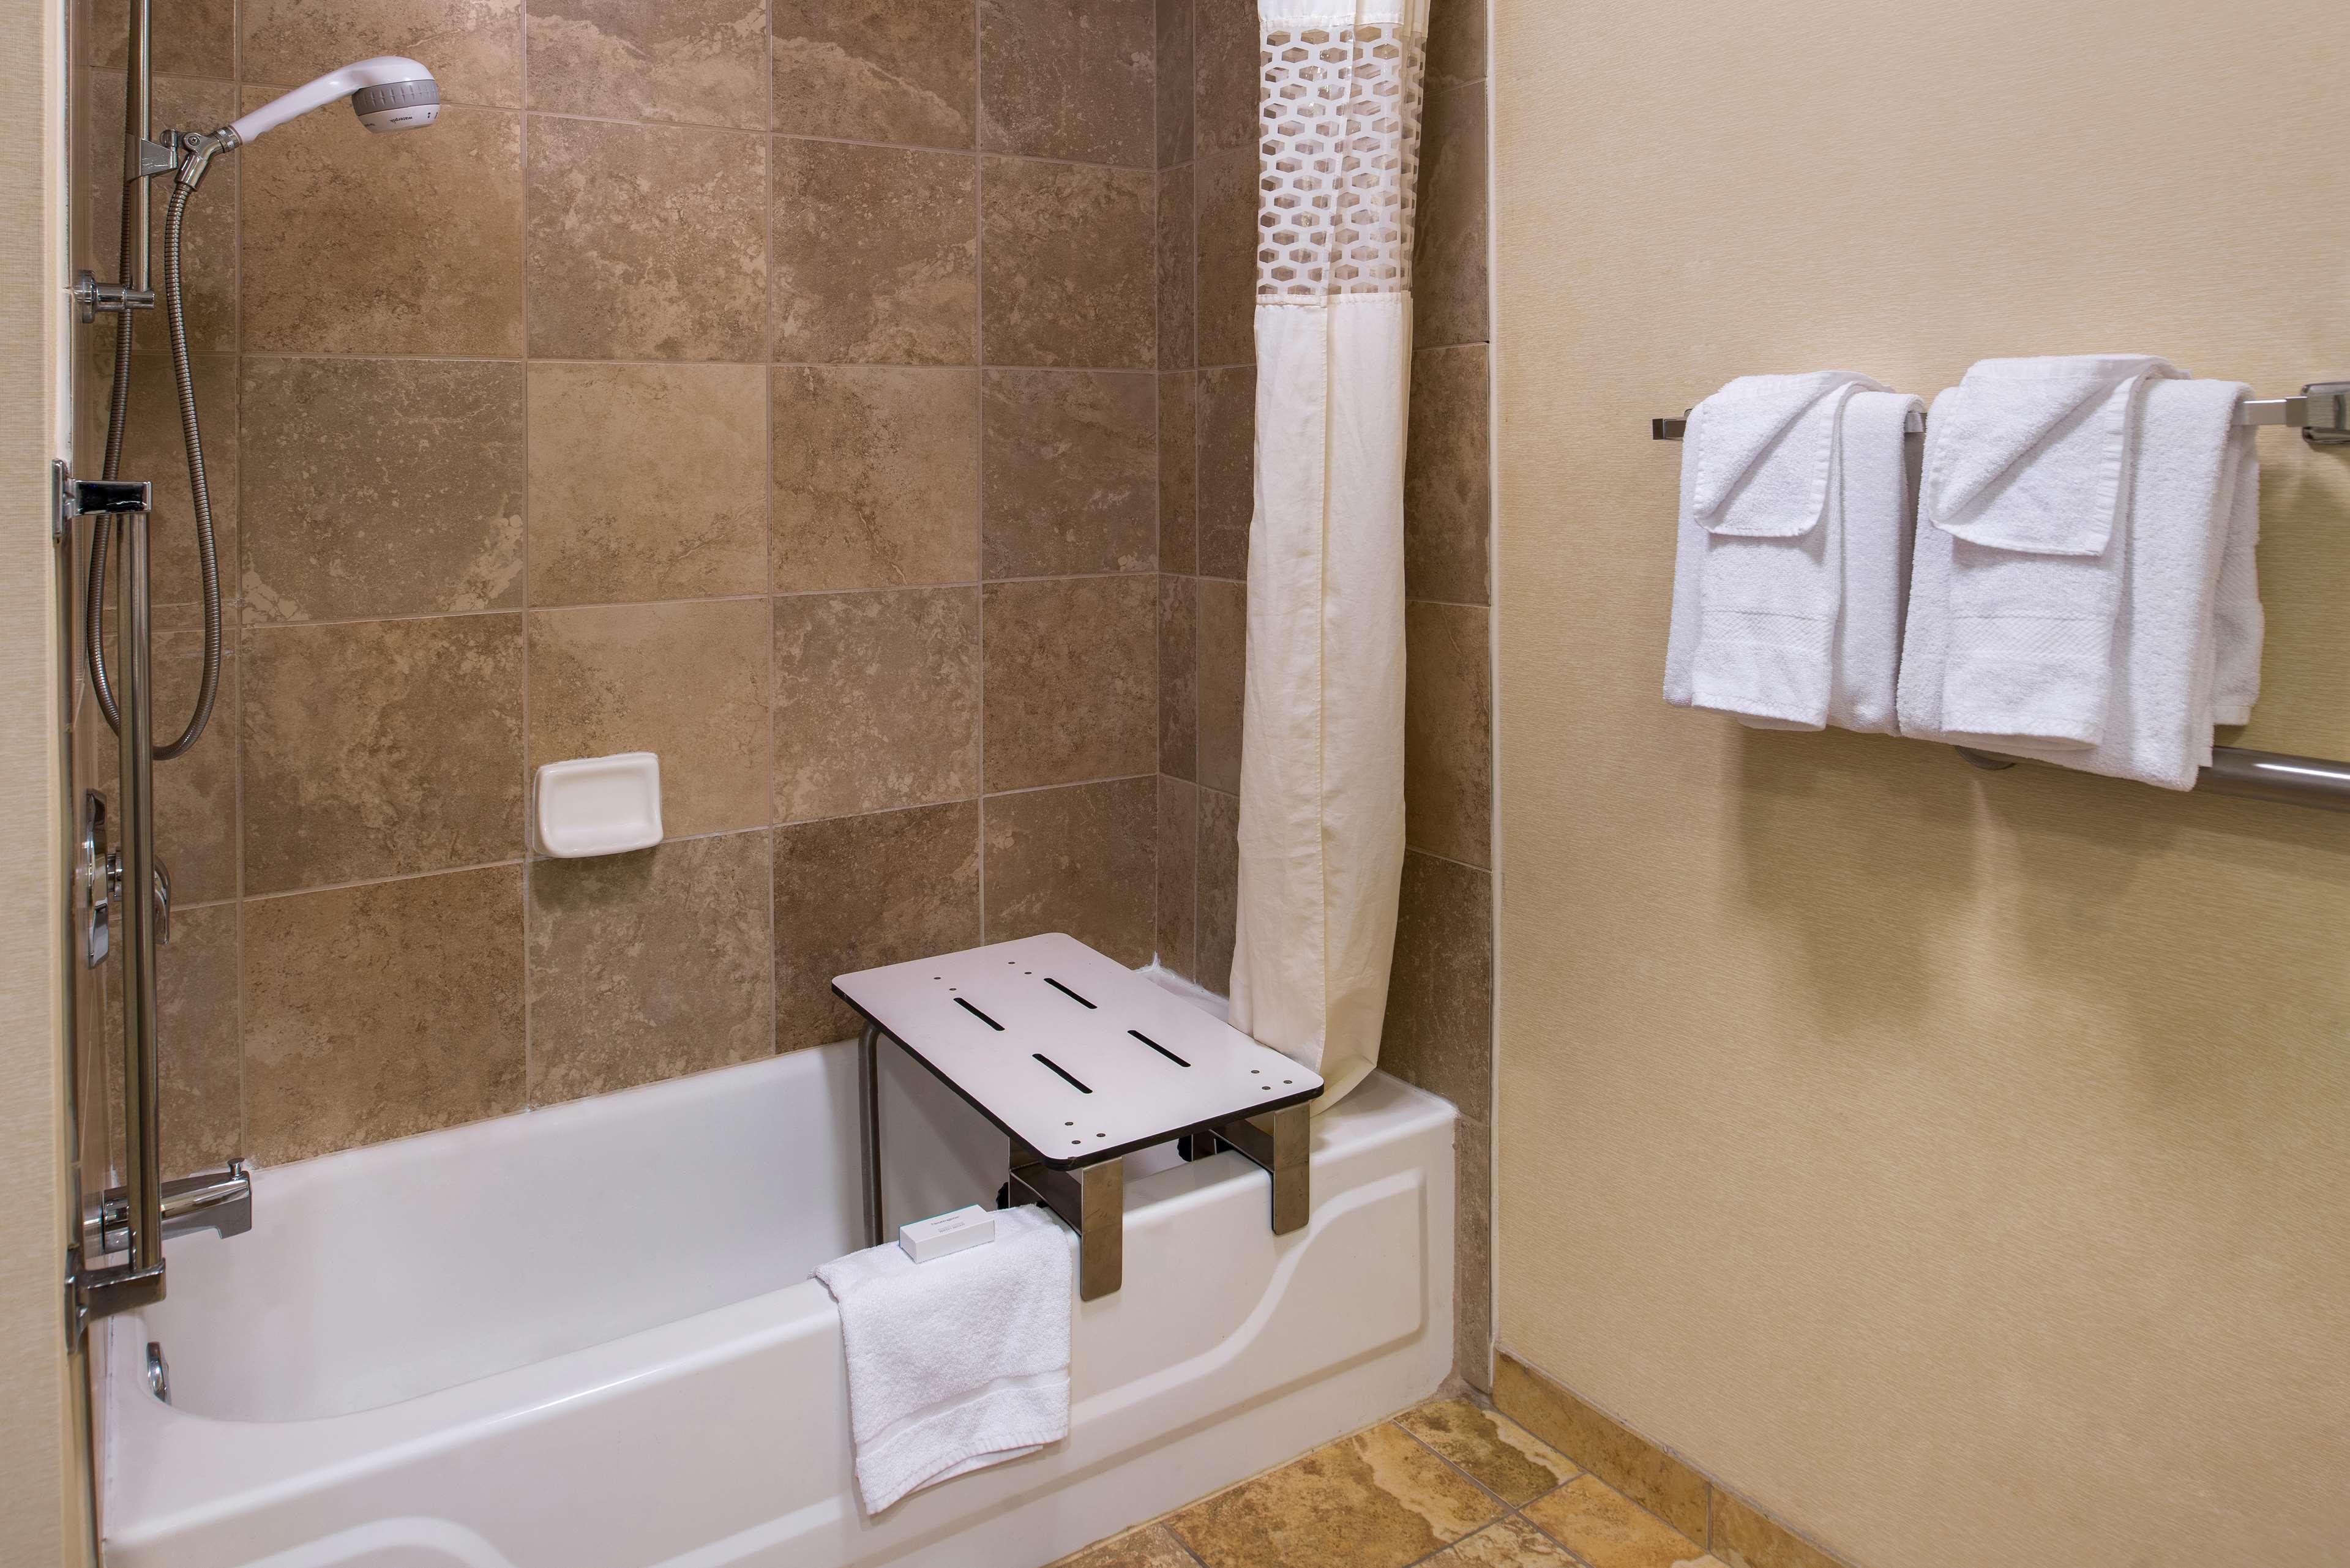 Hampton Inn & Suites Charlotte-Arrowood Rd. image 28